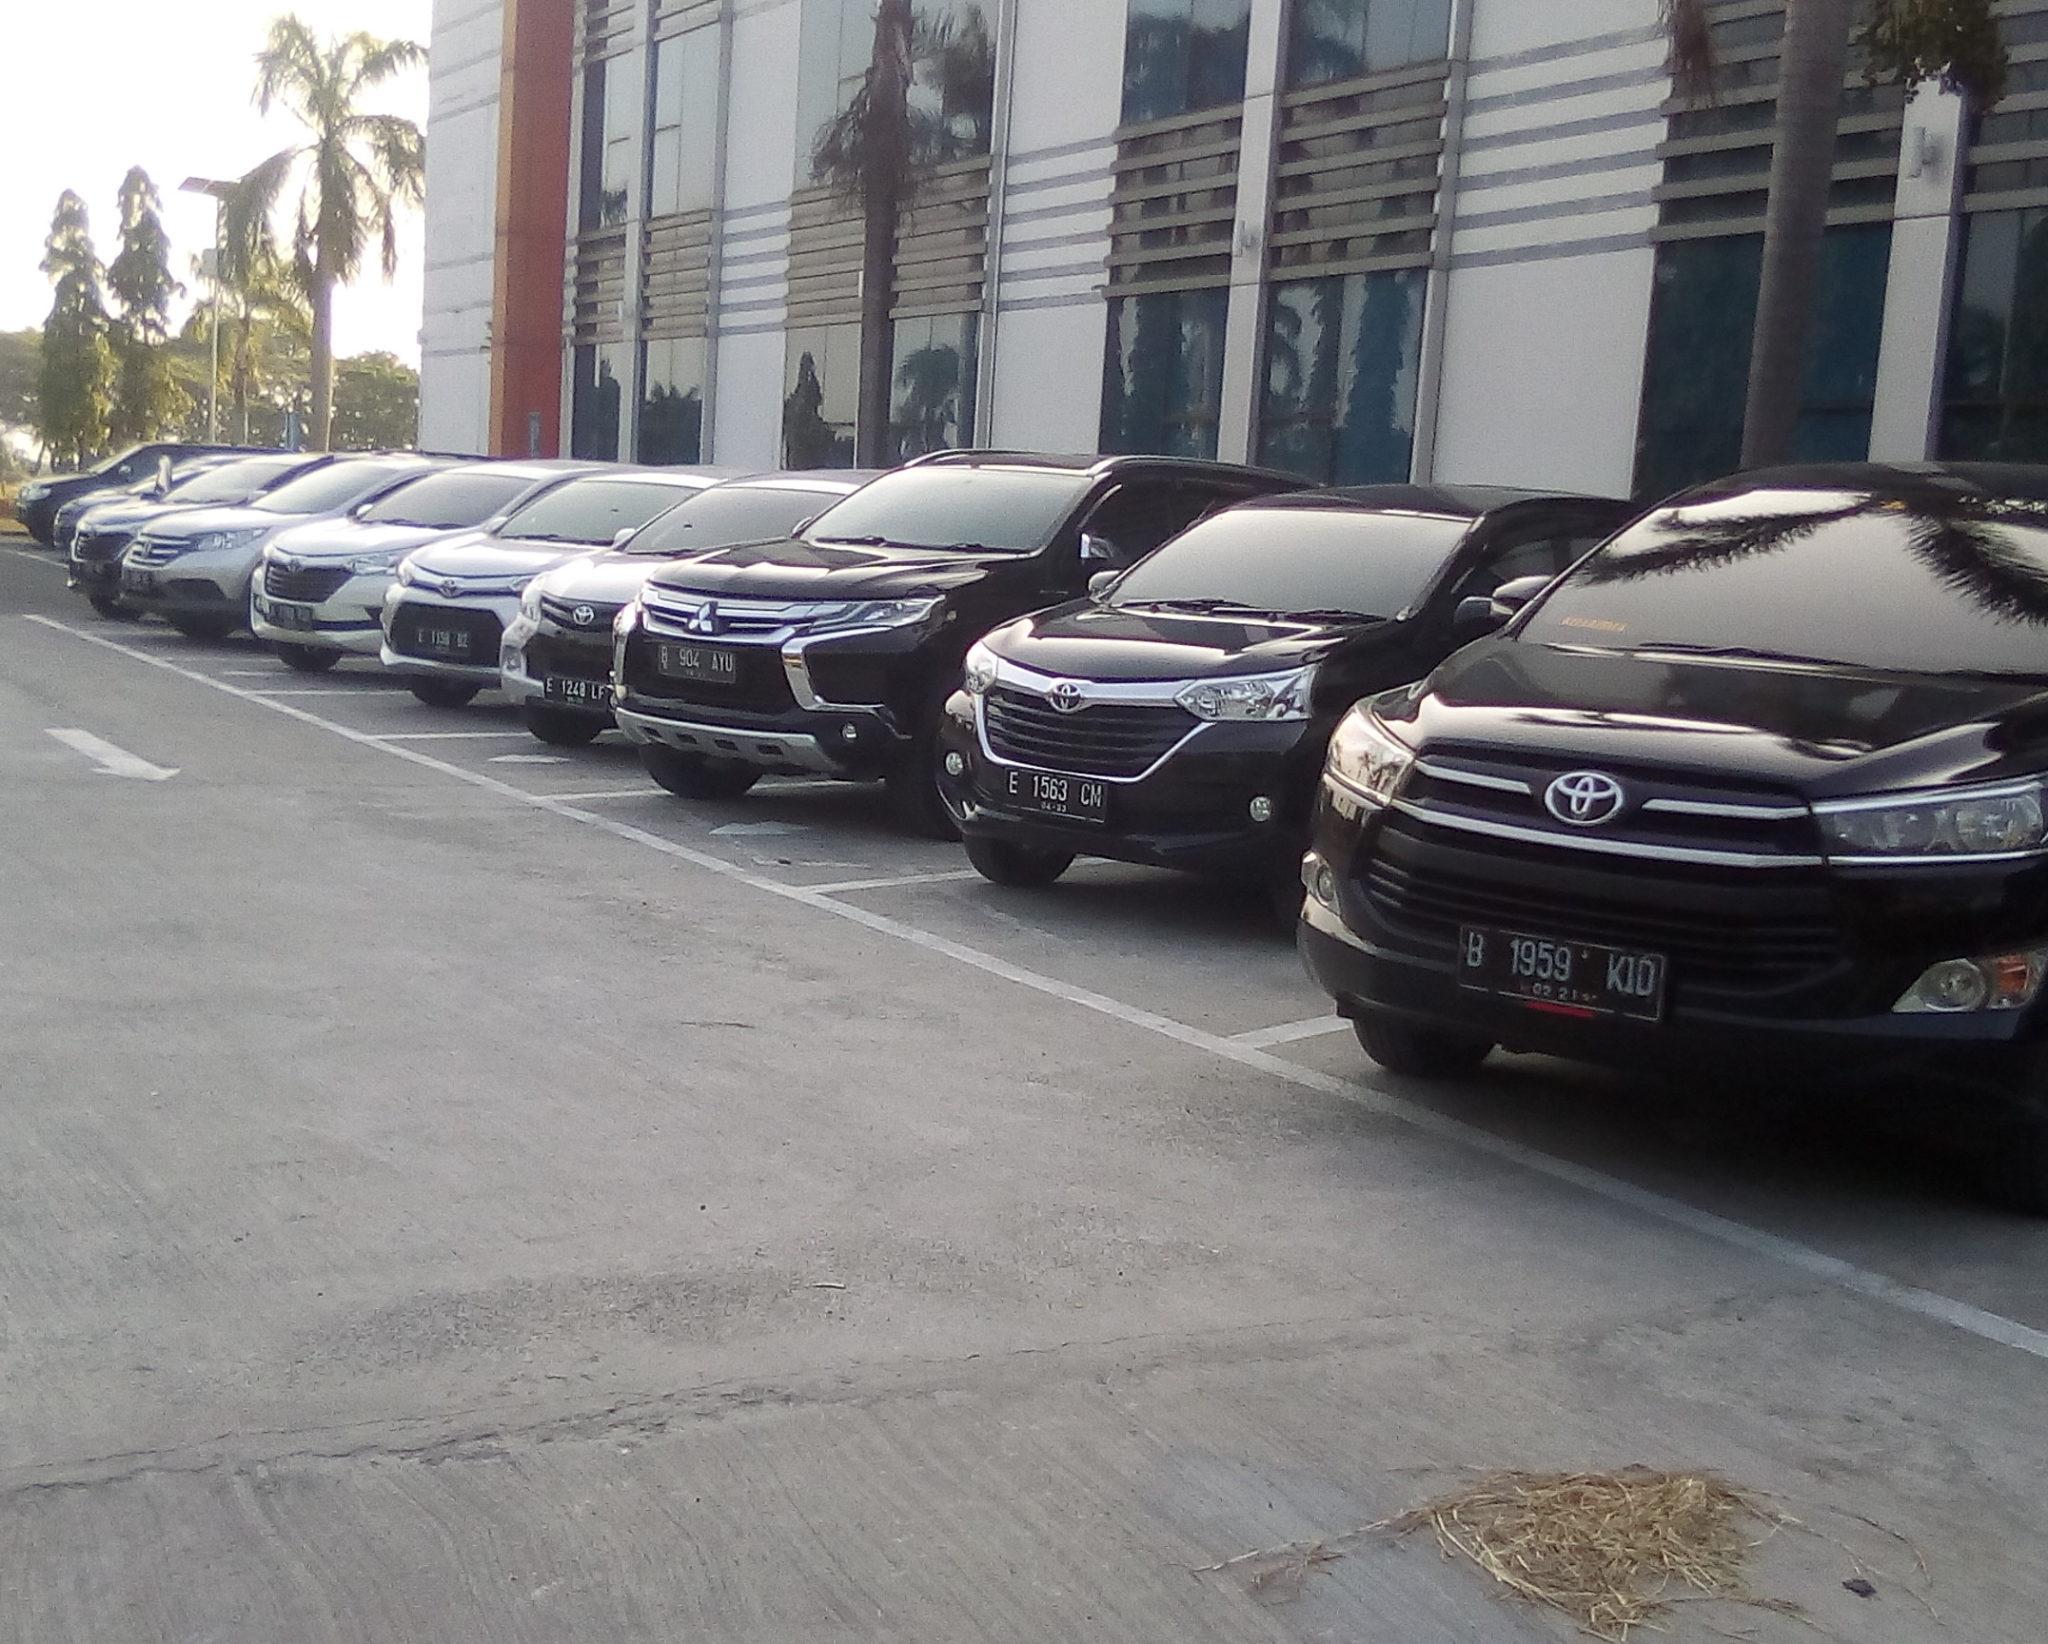 harga rental mobil untuk luar kota cirebon